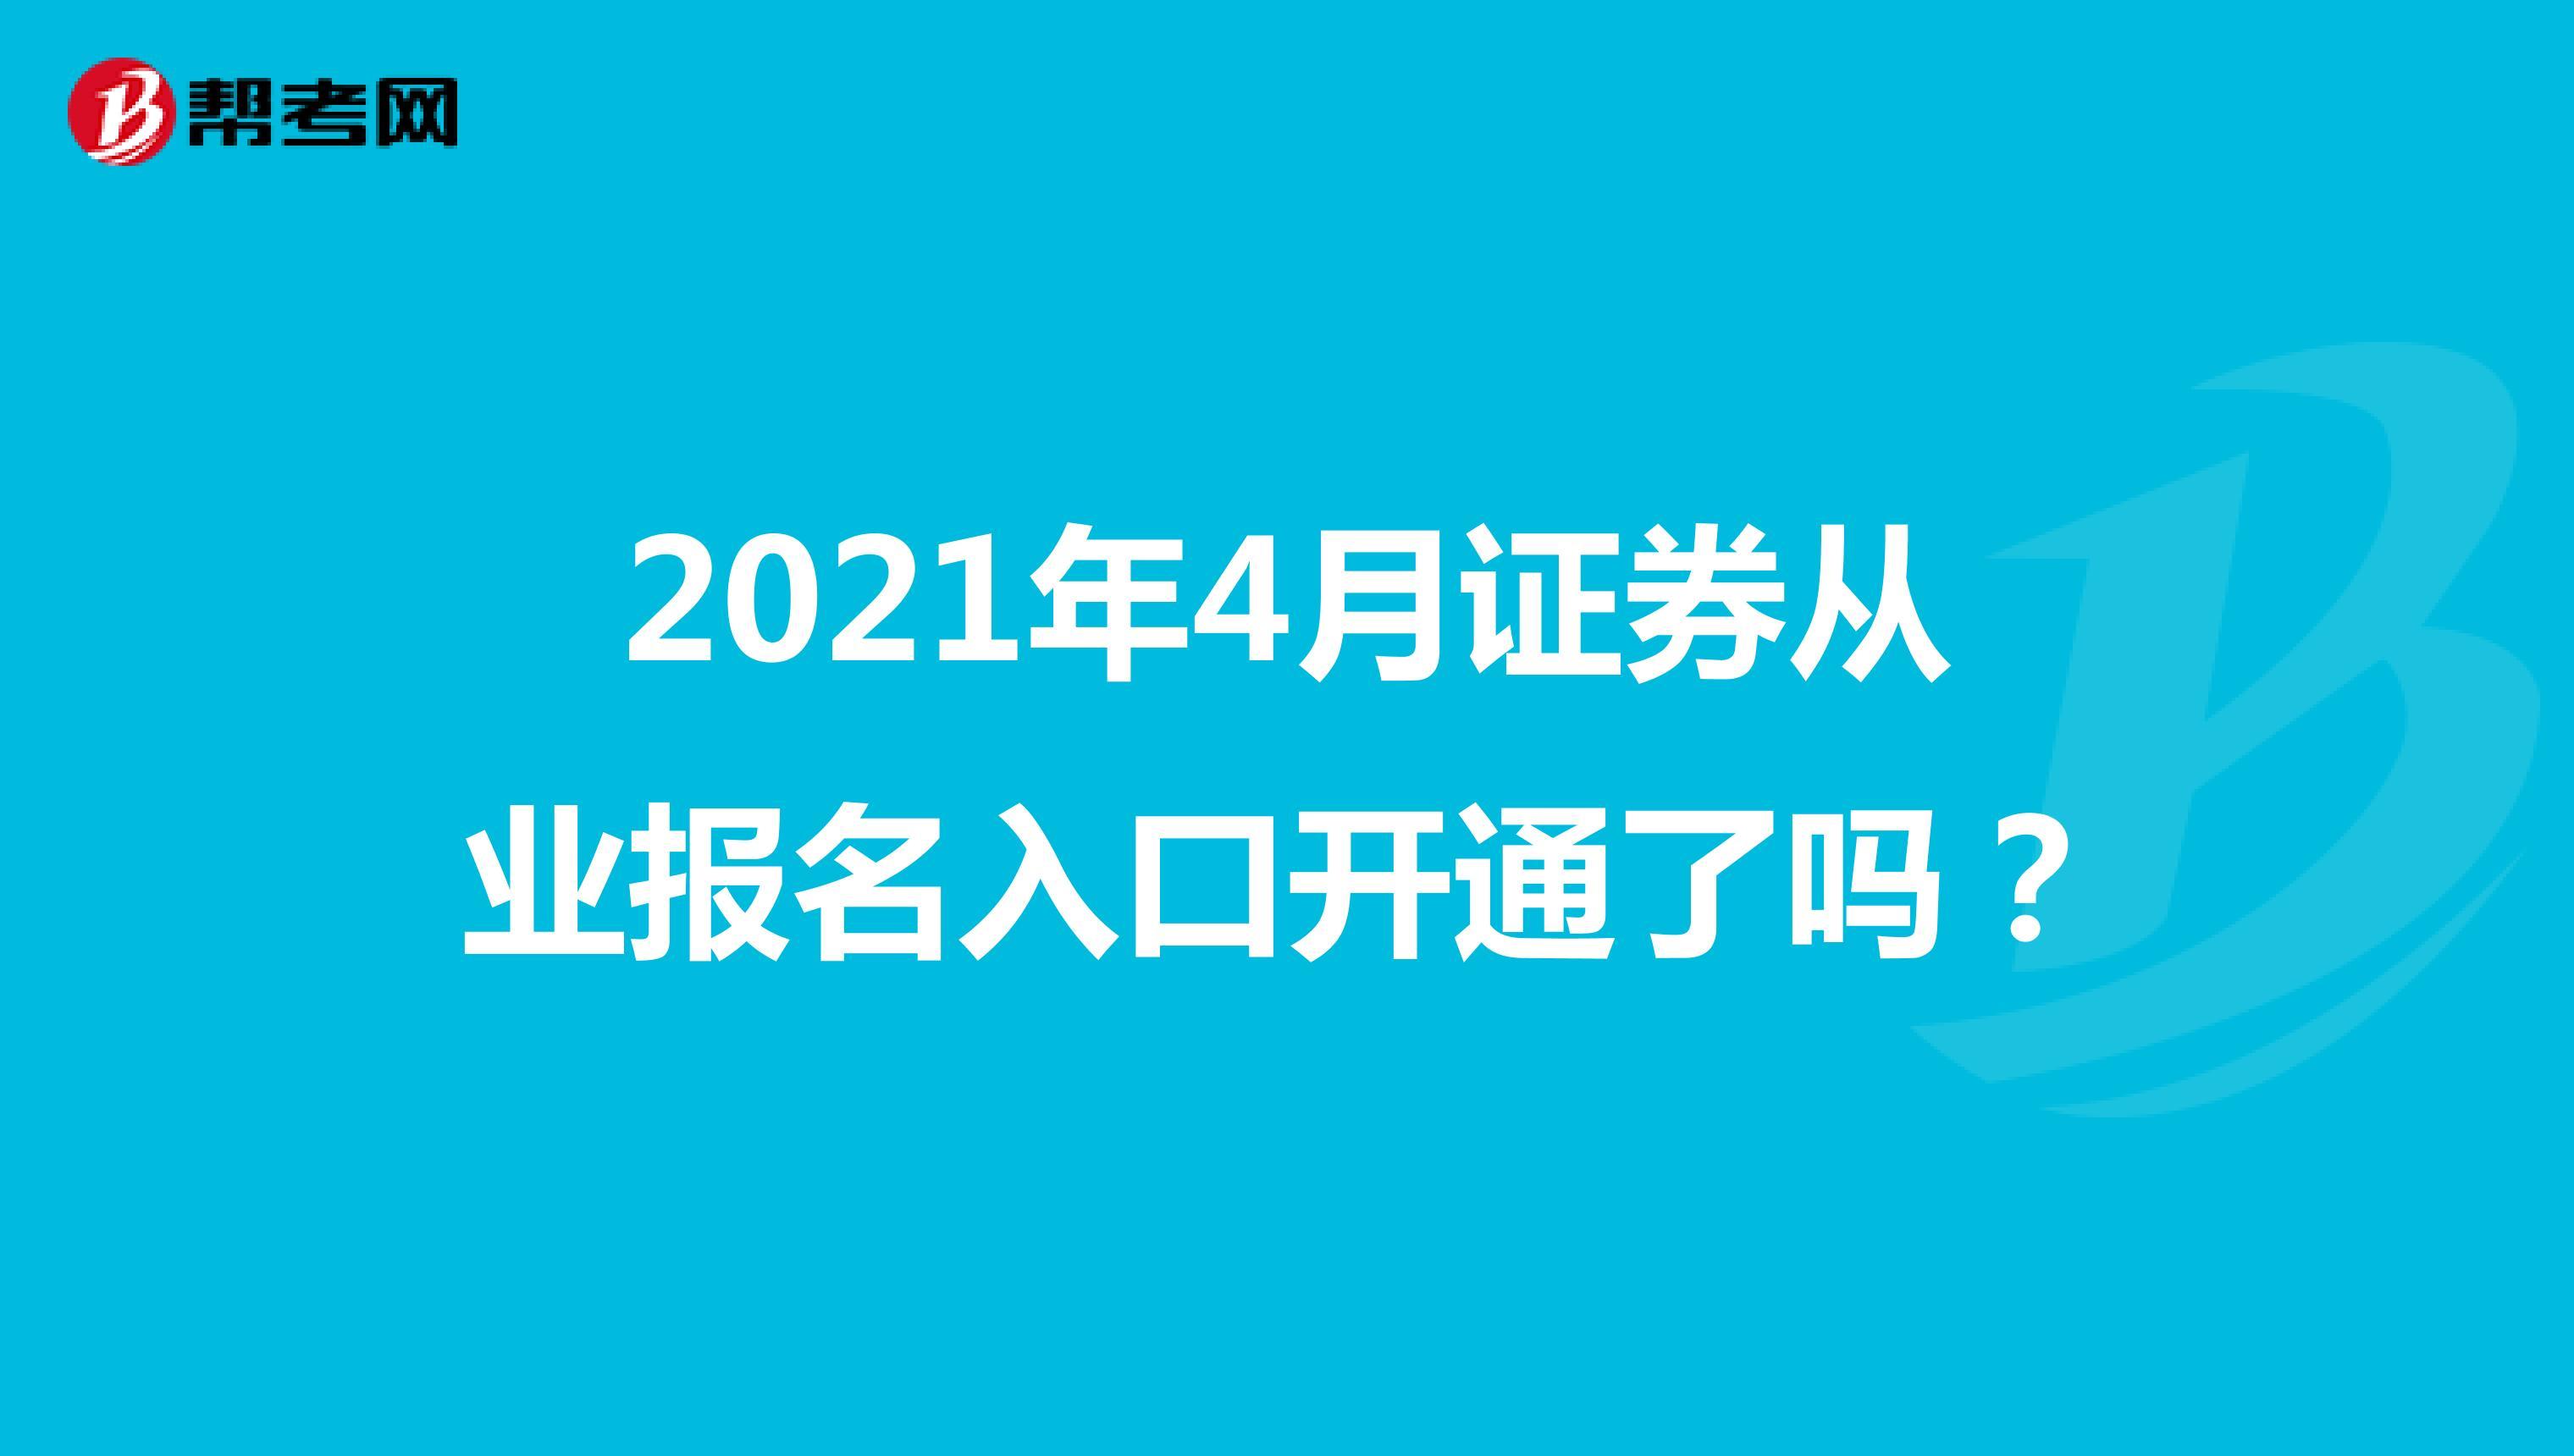 2021年4月证券从业报名入口开通了吗?